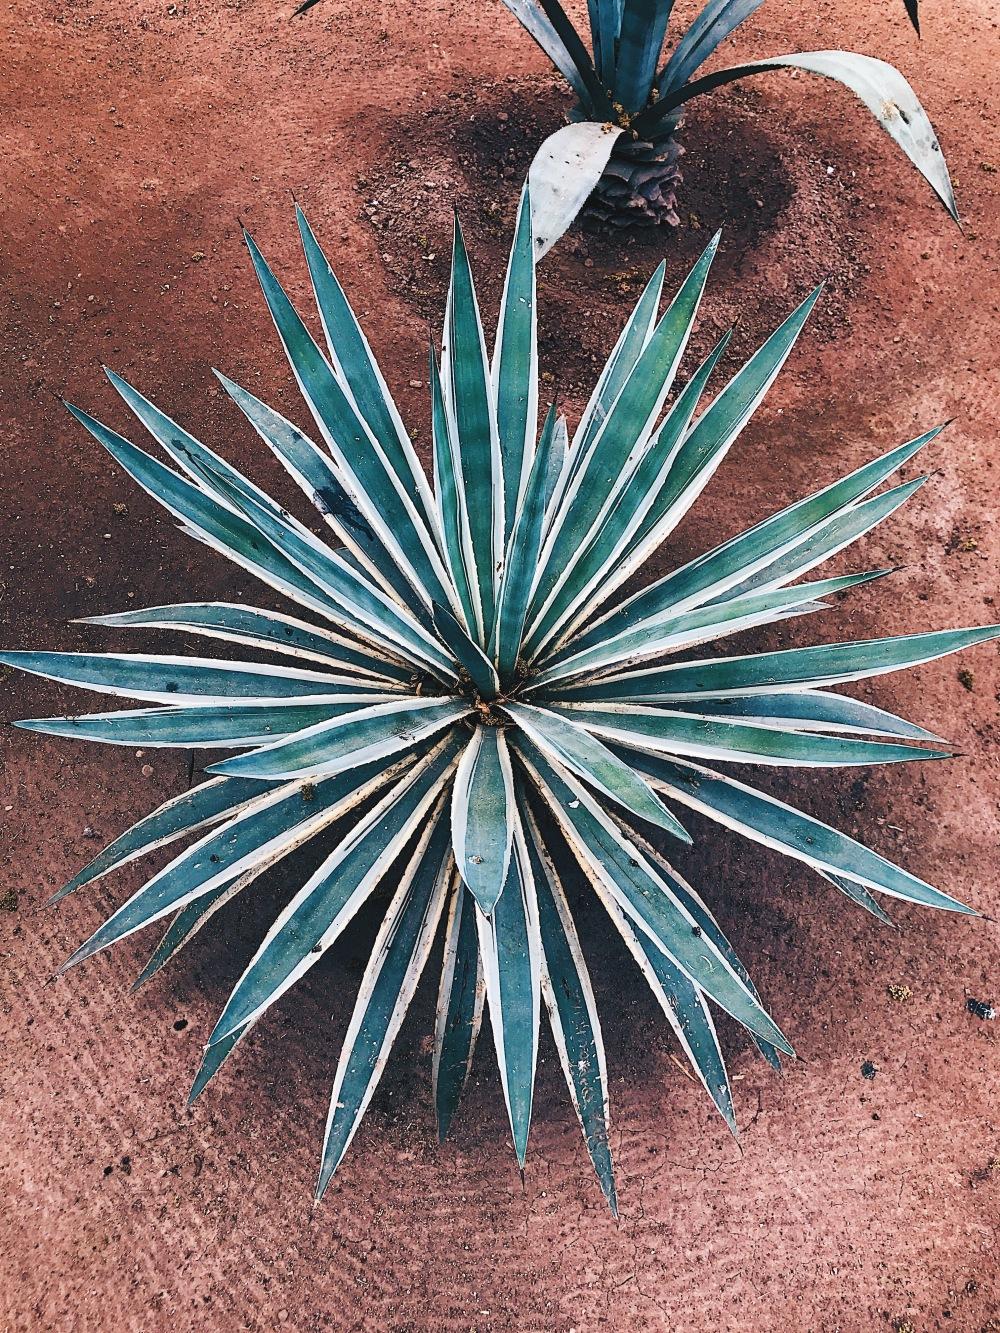 ardin Majorelle - Marrakech - green - cactus - plants